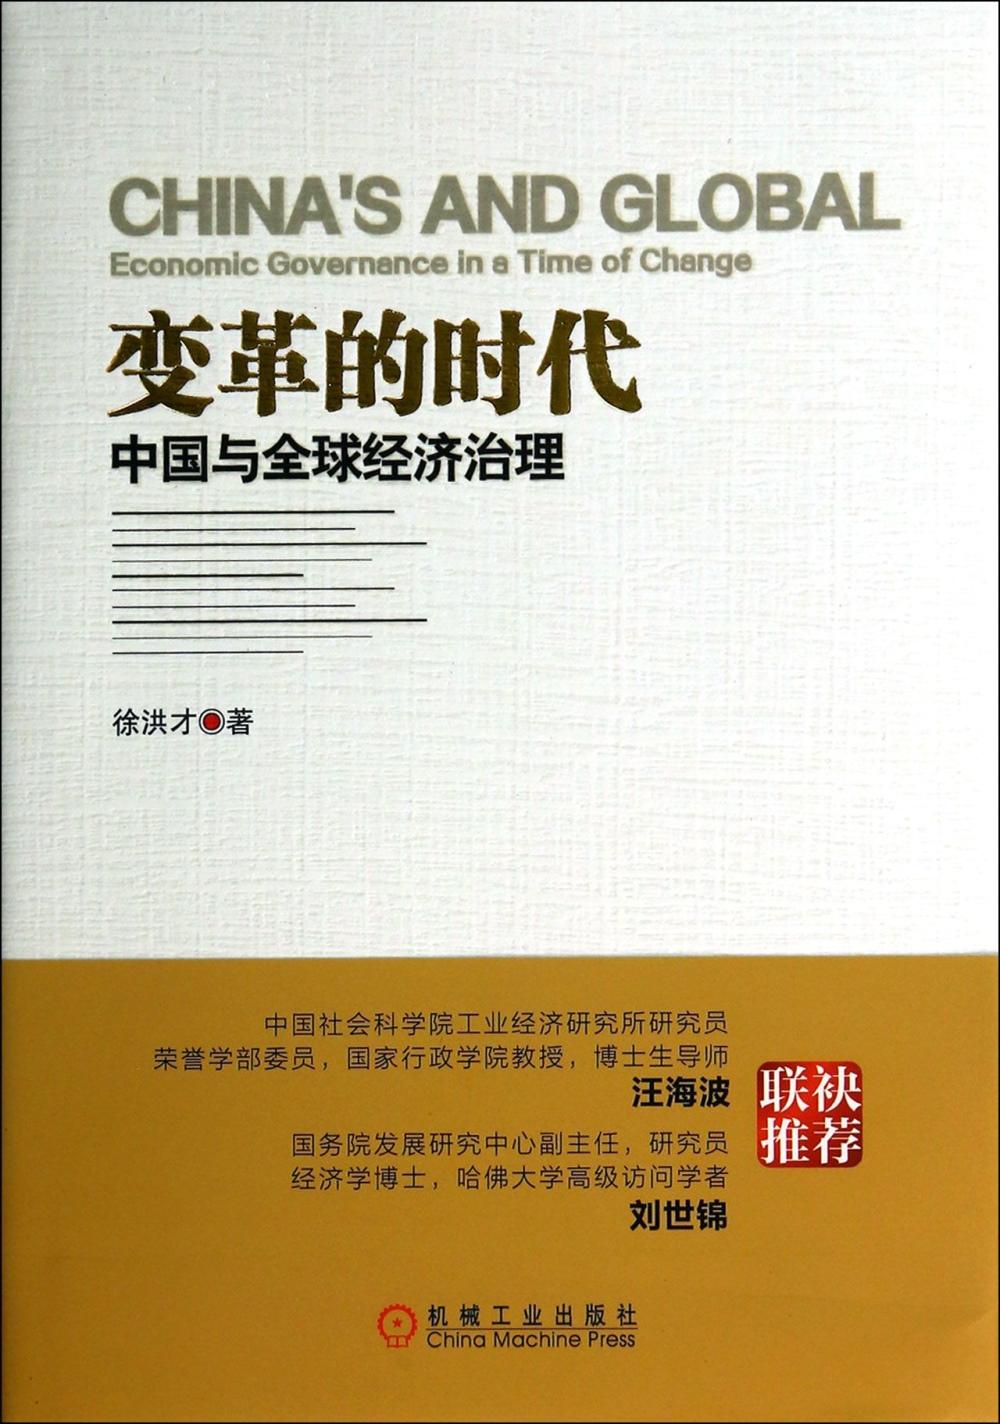 變革的時代:中國與 經濟治理